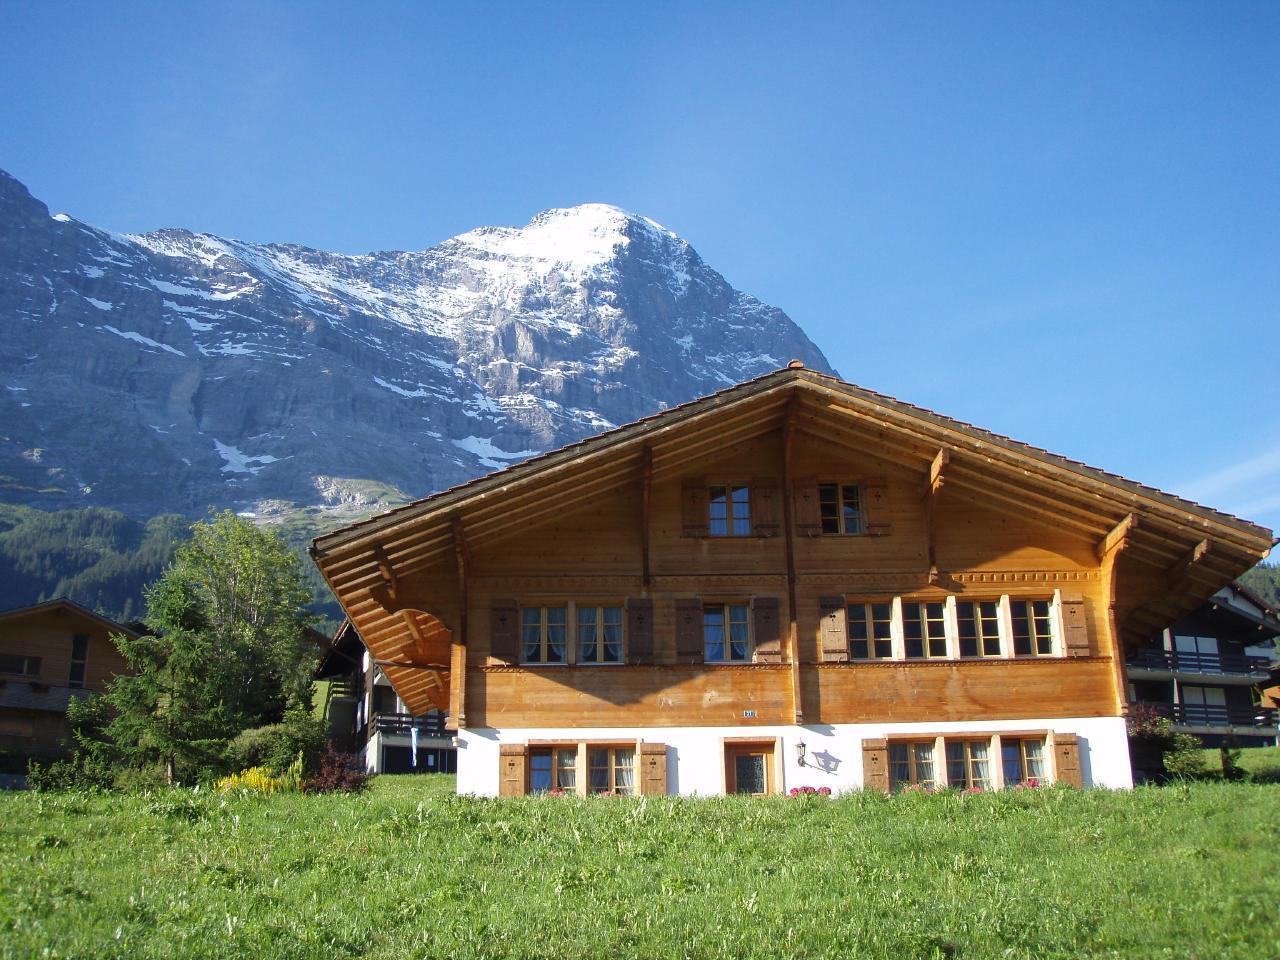 Appartement de vacances Asterix 2 Bett Wohnung (2691730), Grindelwald, Région de la Jungfrau, Oberland bernois, Suisse, image 3